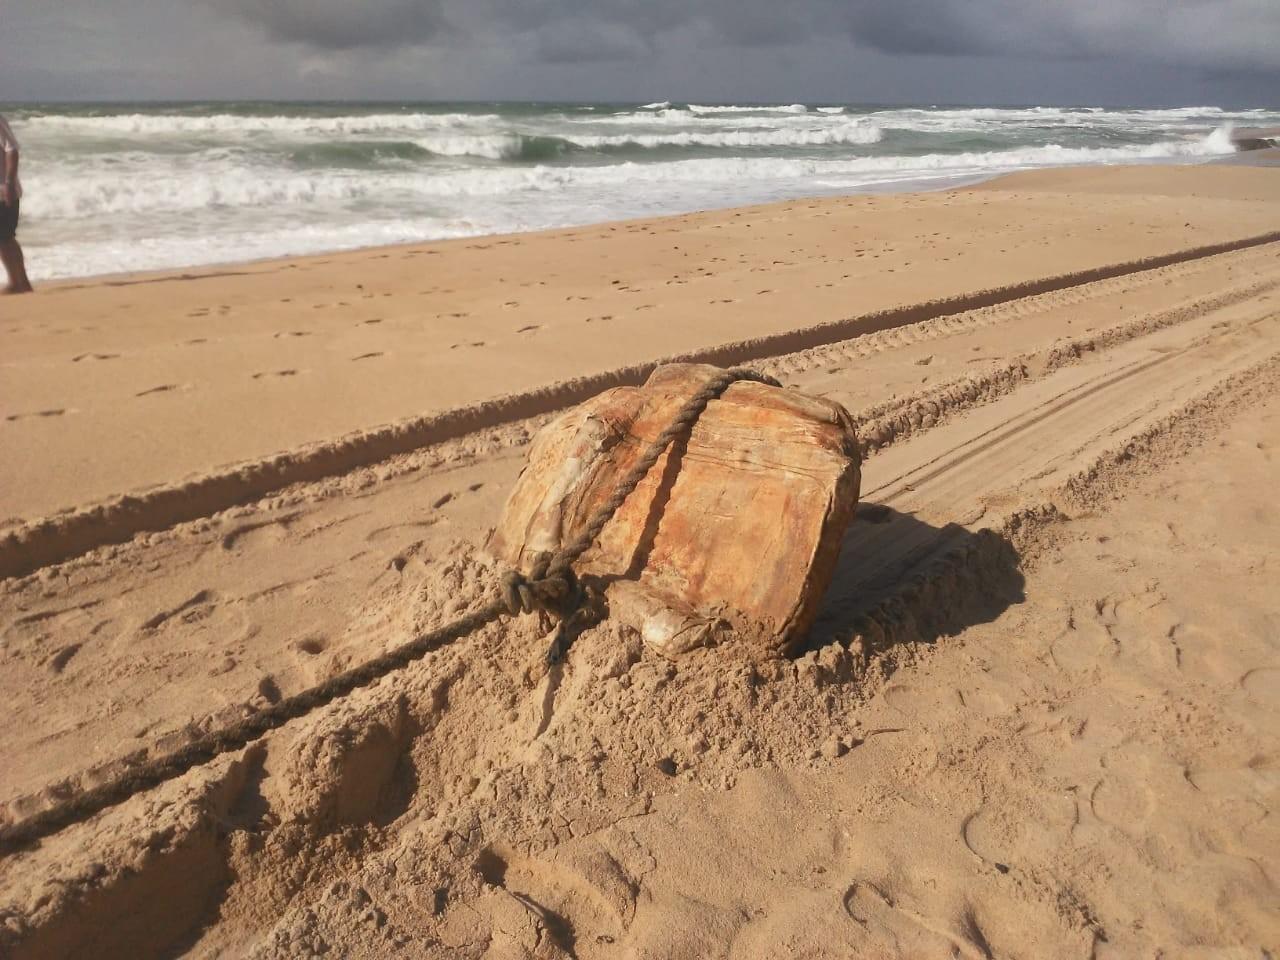 Pesquisa revela que 'caixas misteriosas' encontradas no litoral nordestino são fardos de borracha de outro navio nazista